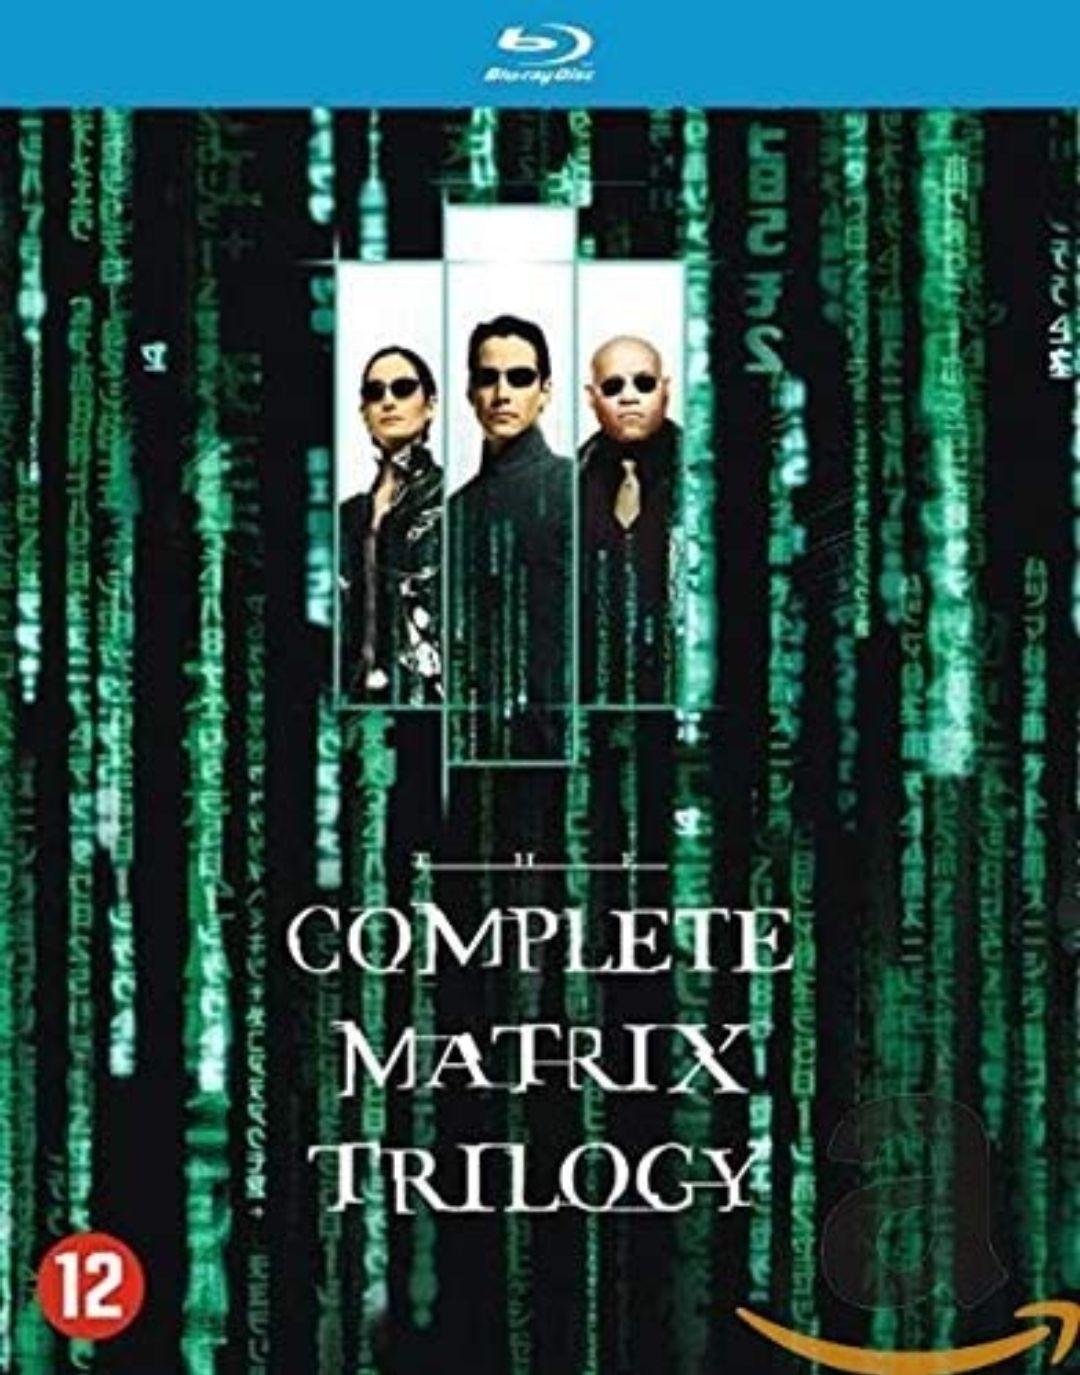 The Complete Matrix Trilogy [Blu-ray] - Terug van weggeweest!